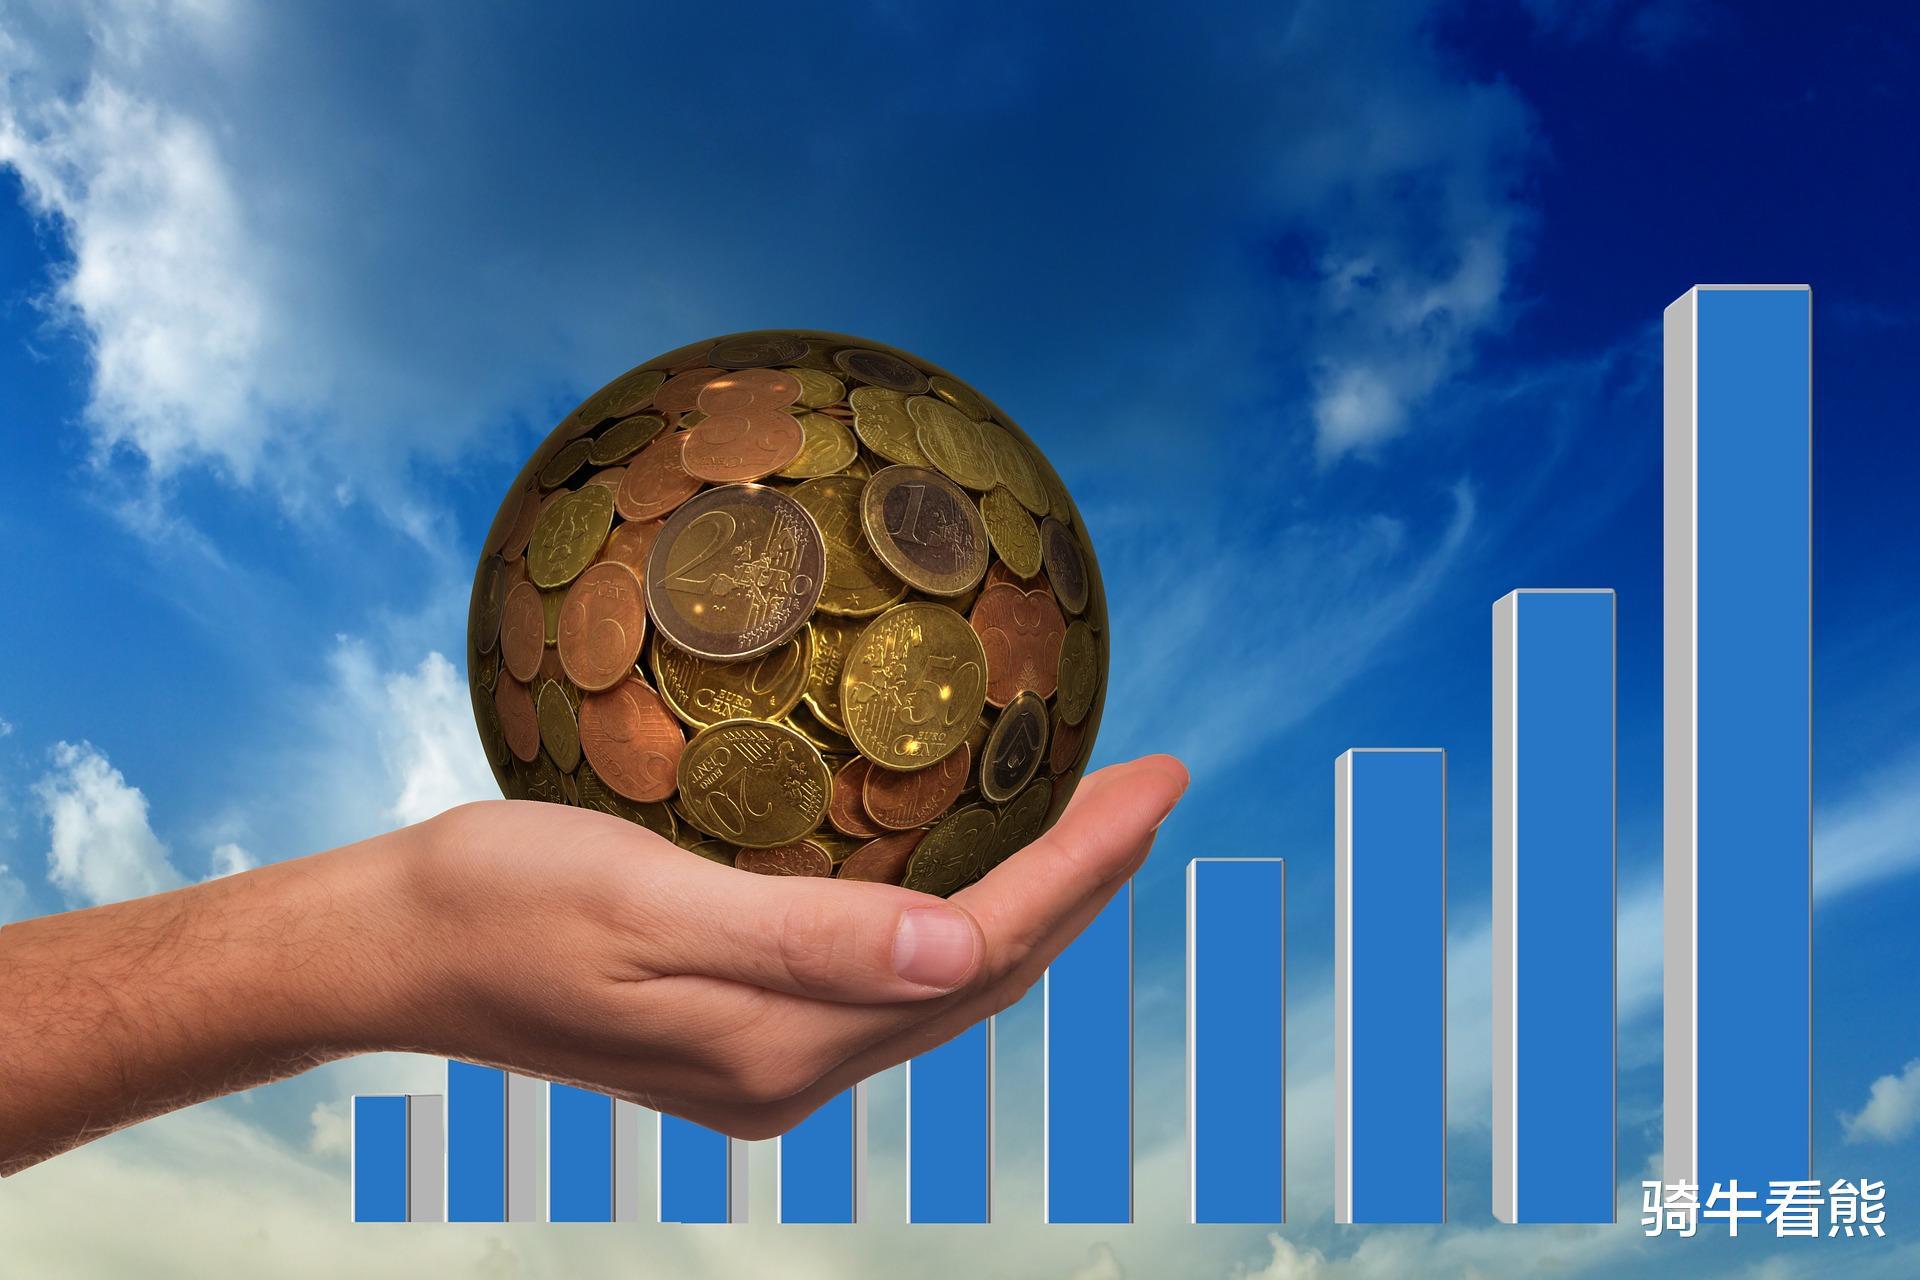 在众多基金产品中,如何才能选择适合自己的基金?